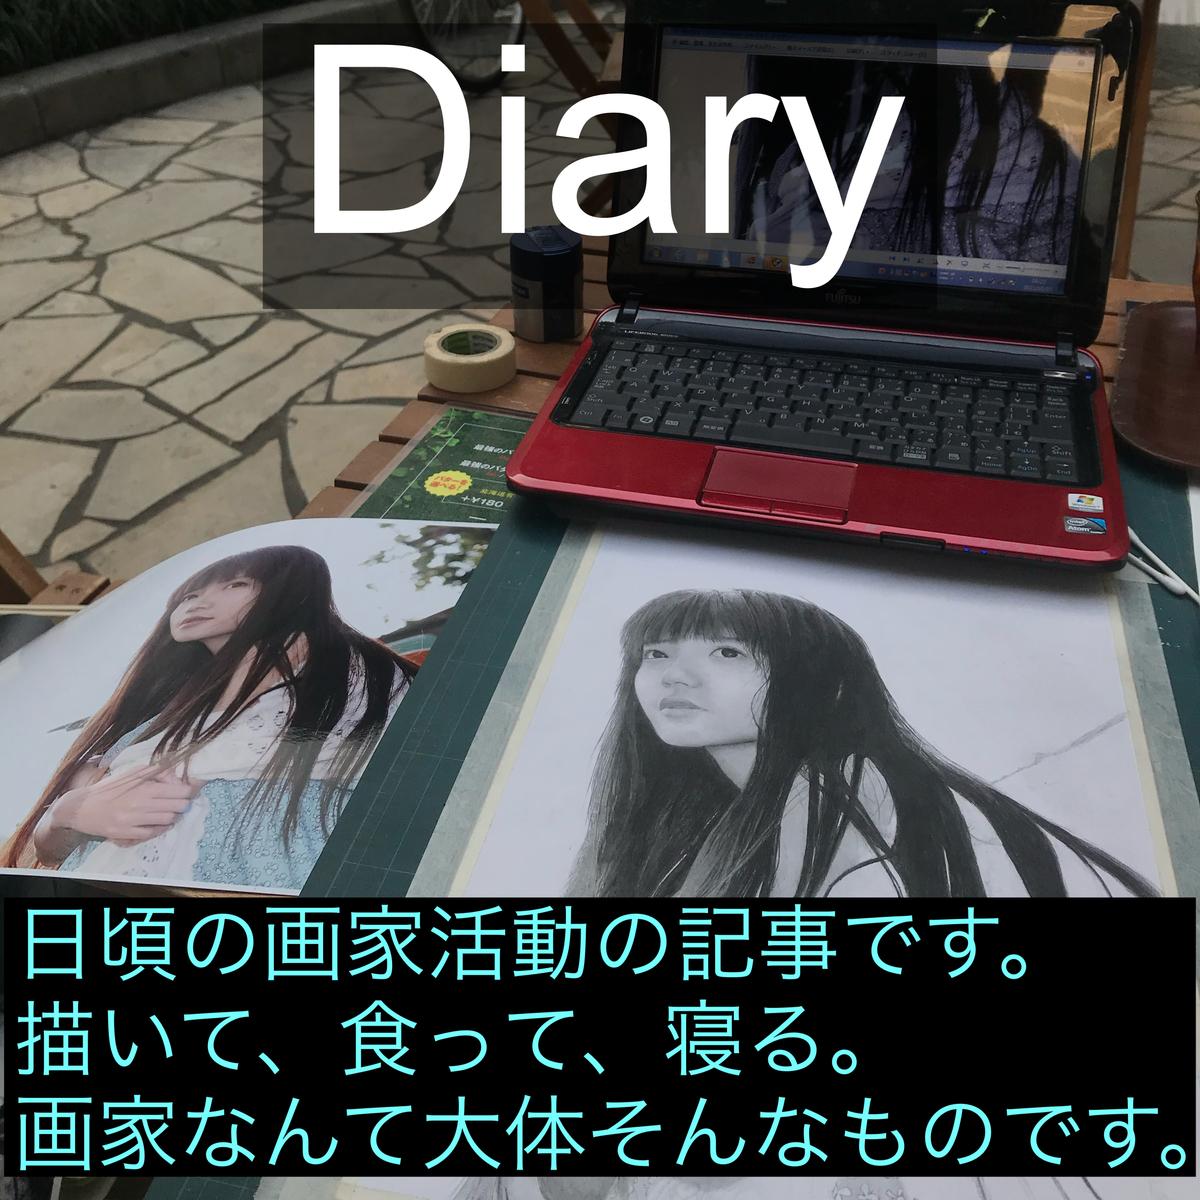 f:id:hoyashinji:20210413093702j:plain